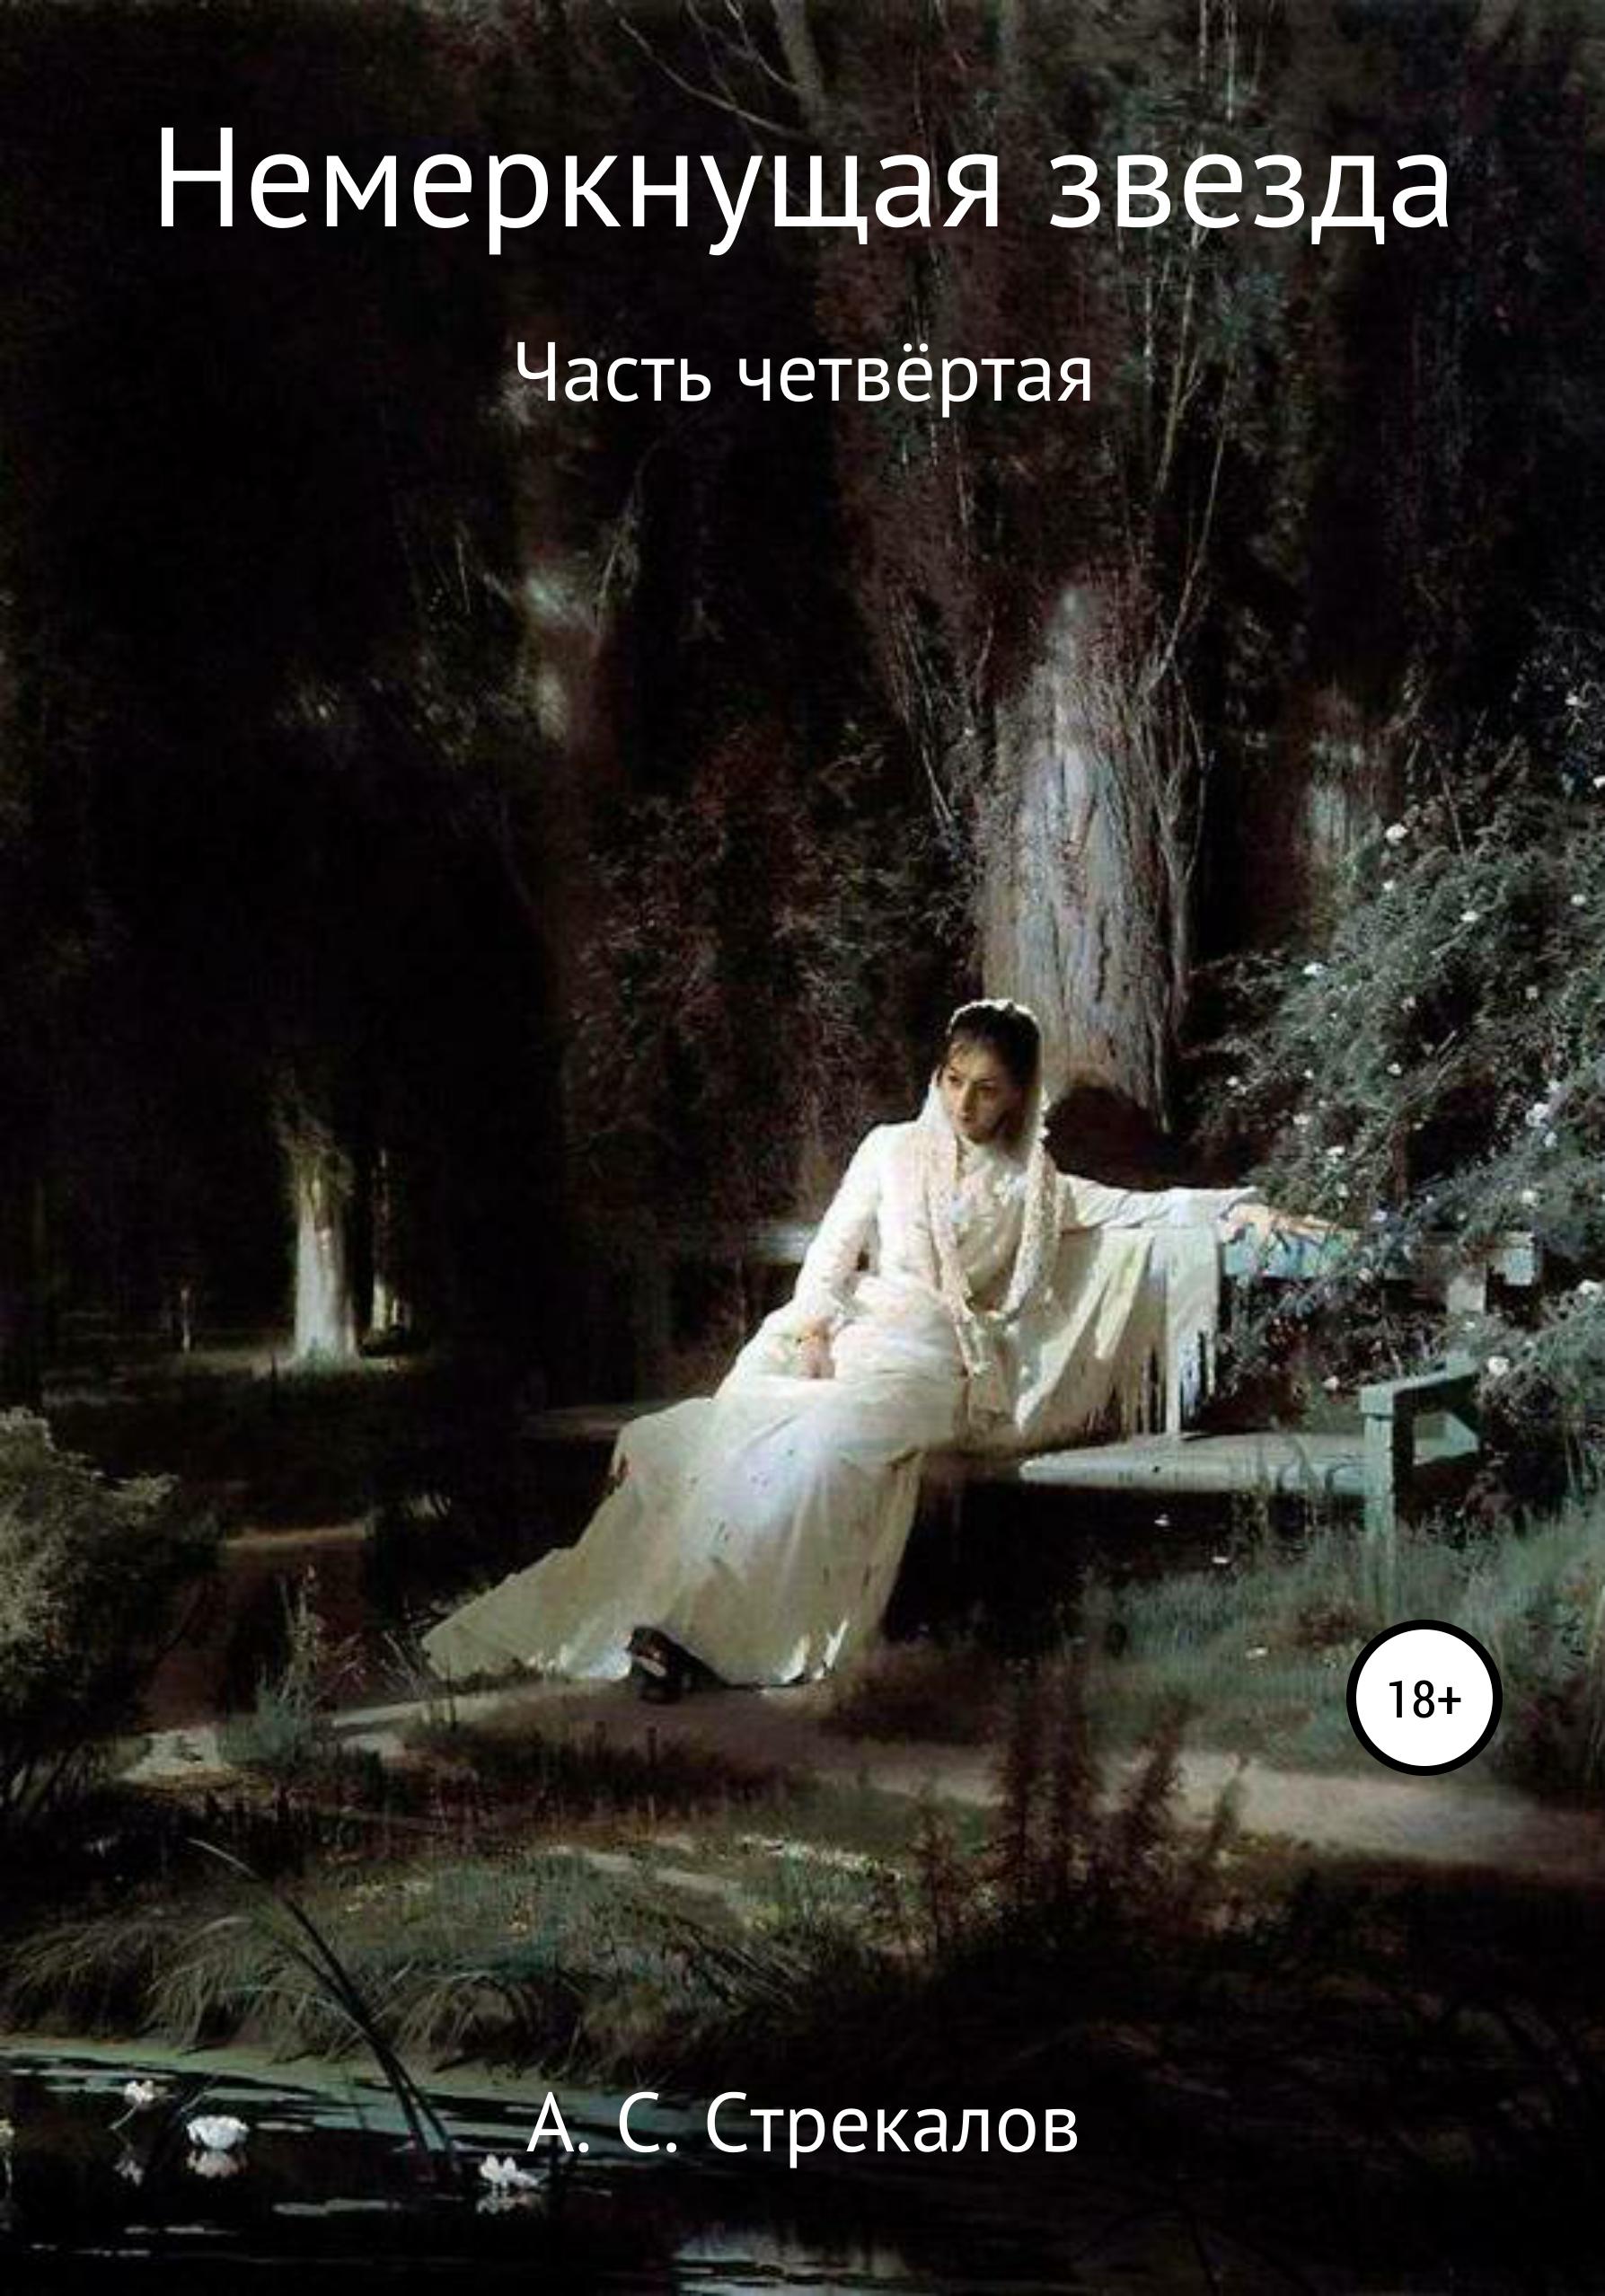 Александр Сергеевич Стрекалов Немеркнущая звезда. Часть четвёртая